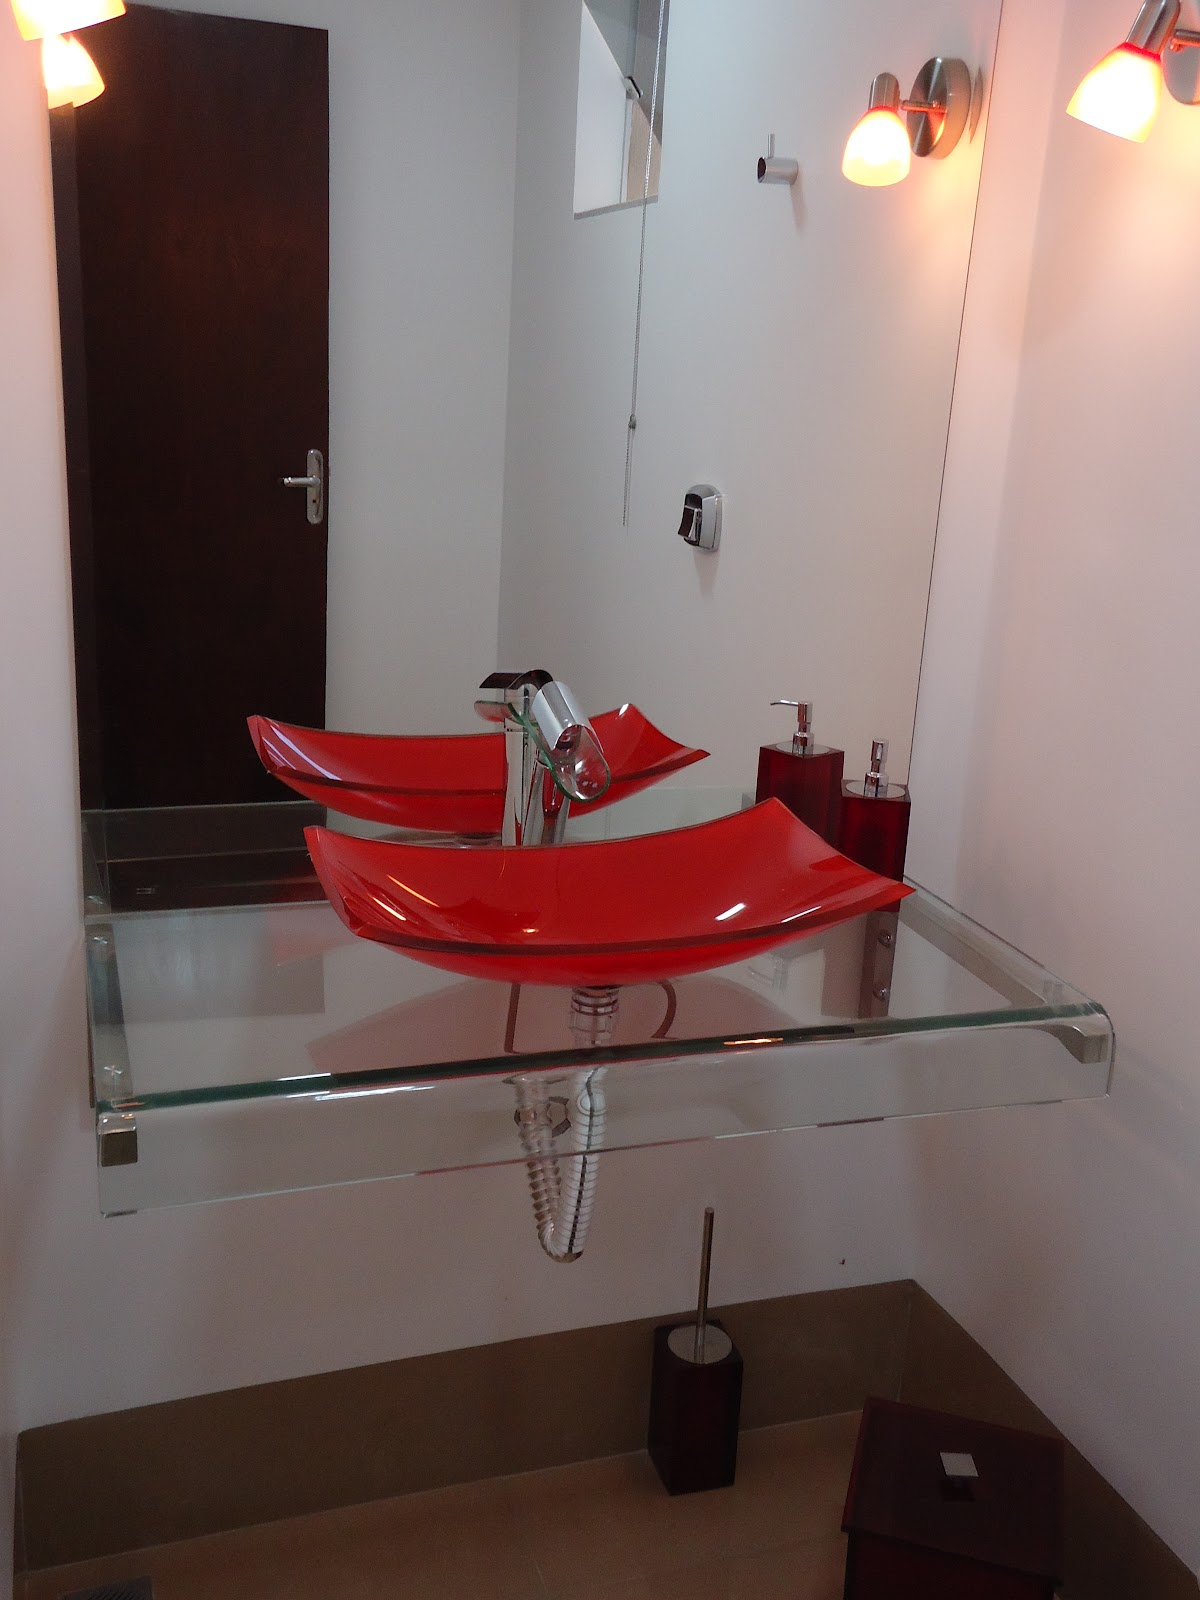 é a lindíssima cuba de vidro vermelha colocada sobre uma bancada  #7F2828 1200x1600 Bancada Banheiro De Vidro